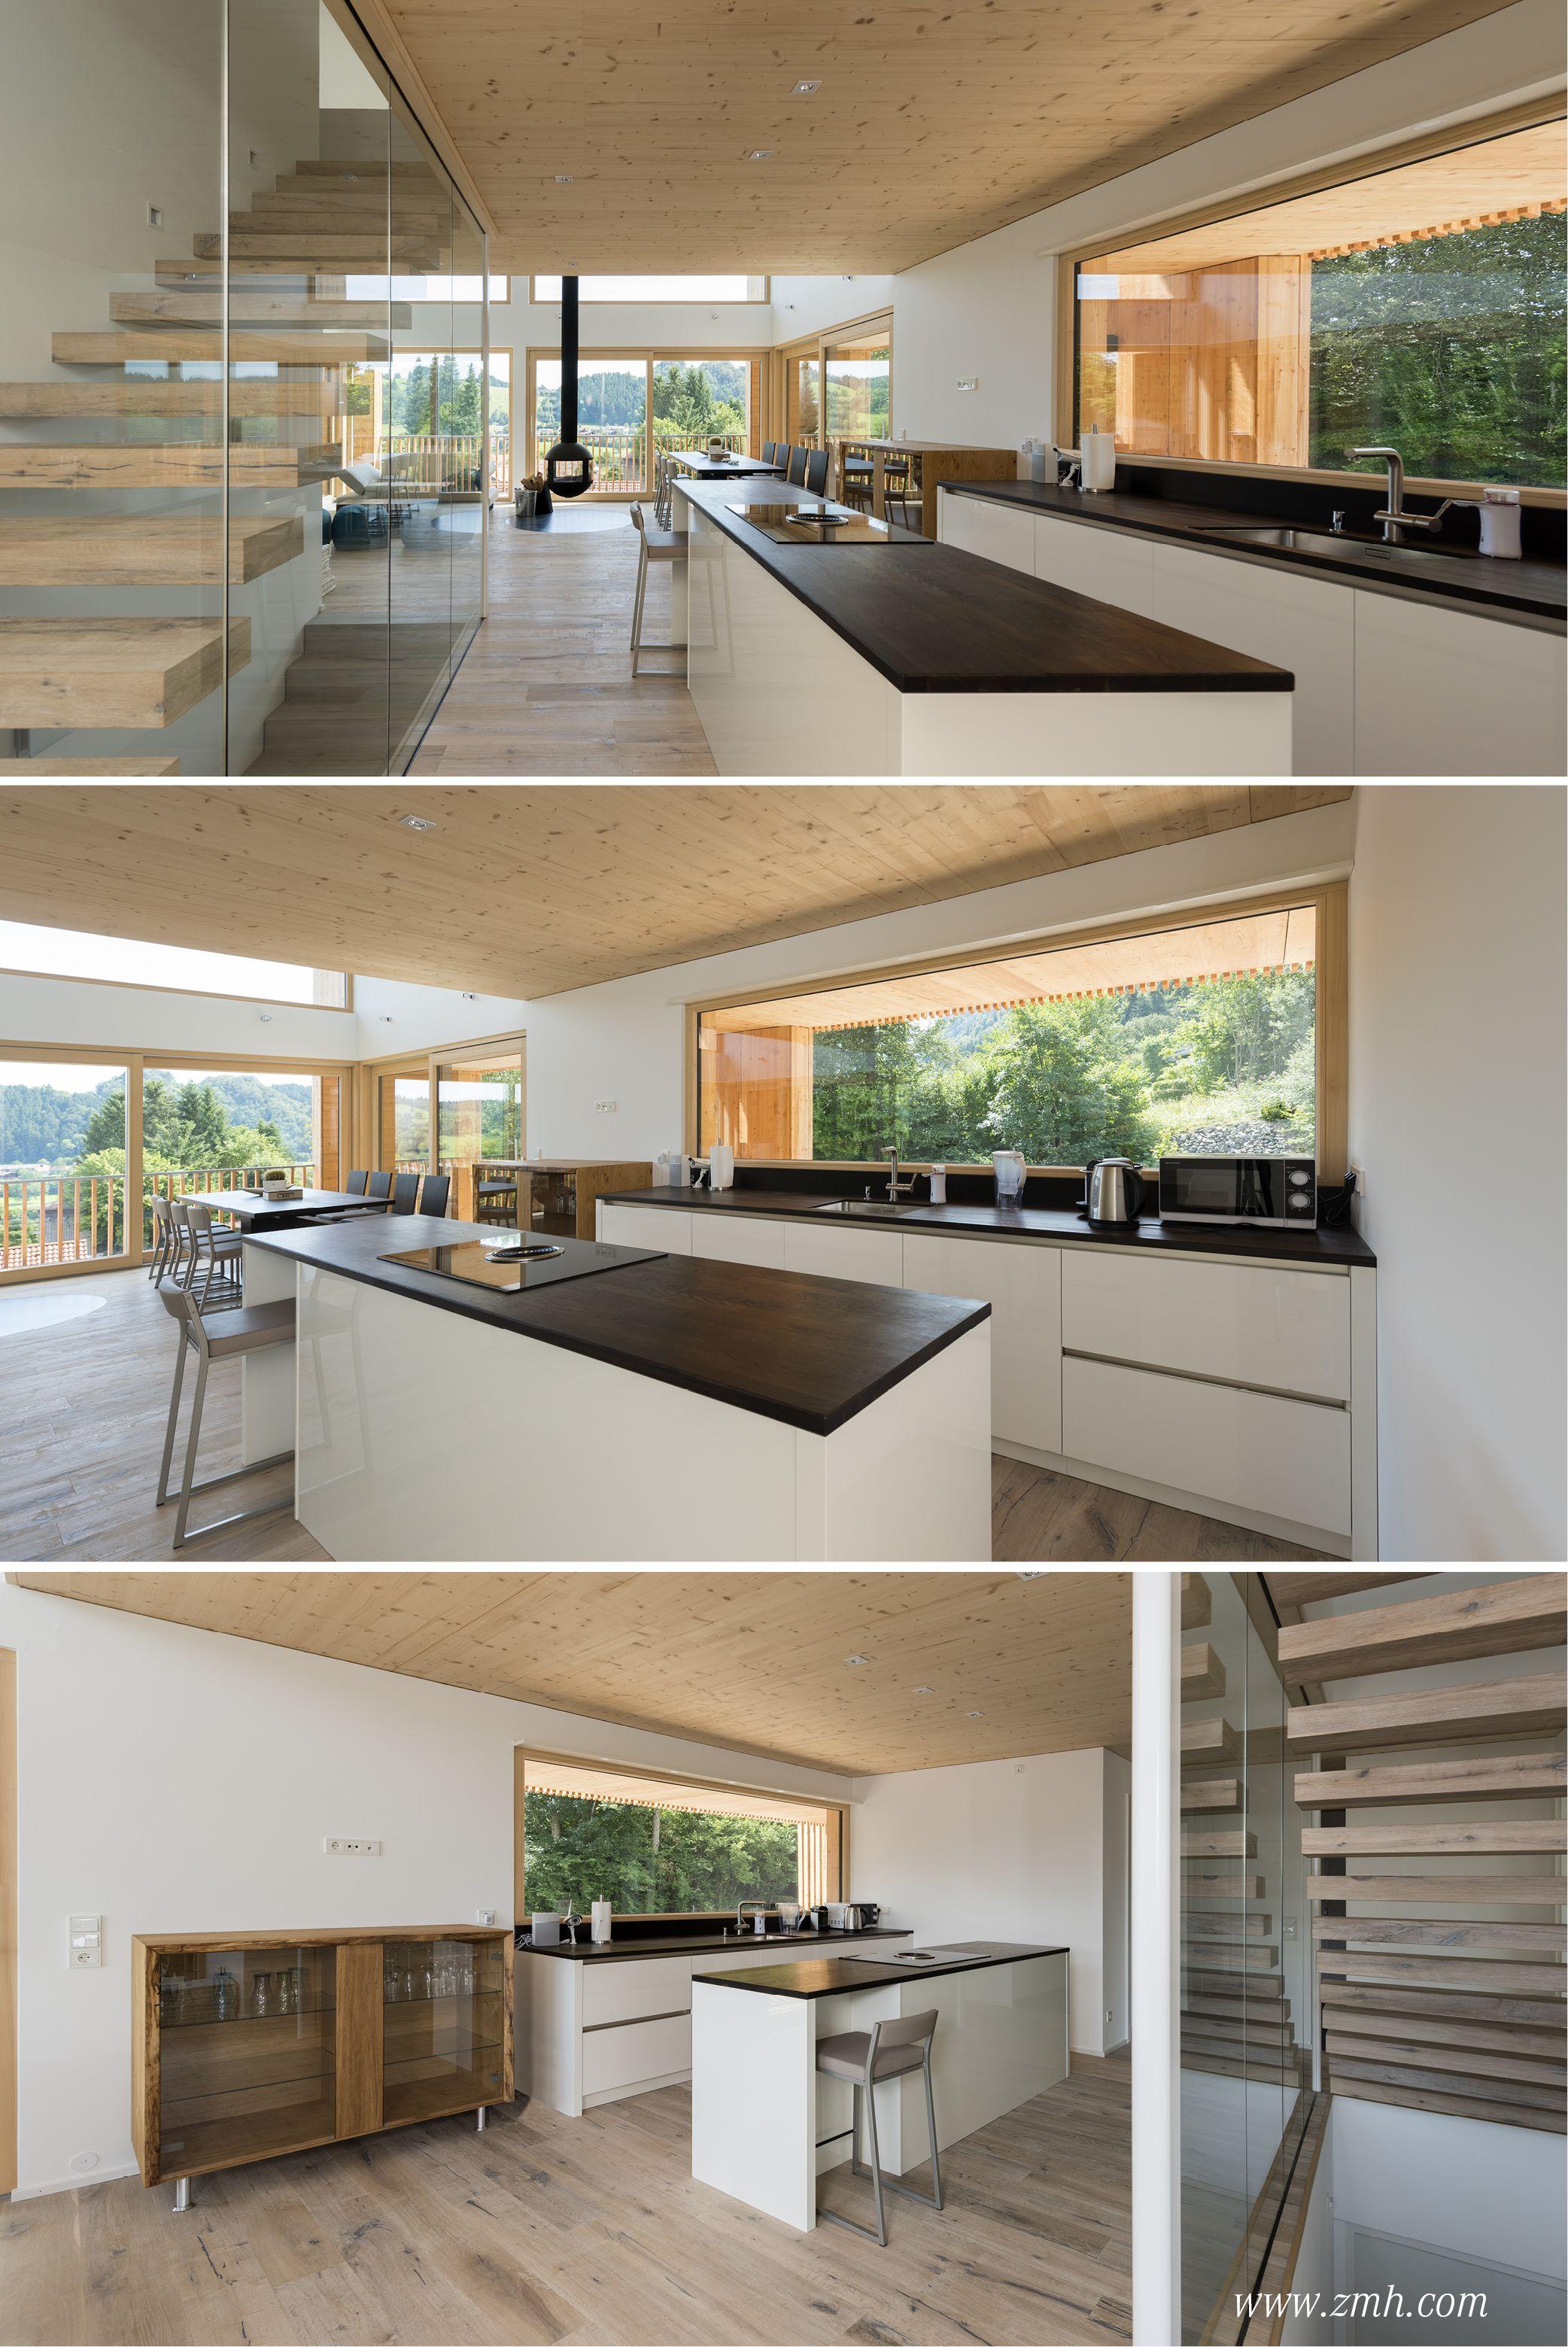 #Küchenblock #Design #Küche #klein #wenigPlatz #Wohlfühlen #Esszimmer  #minimalistisch